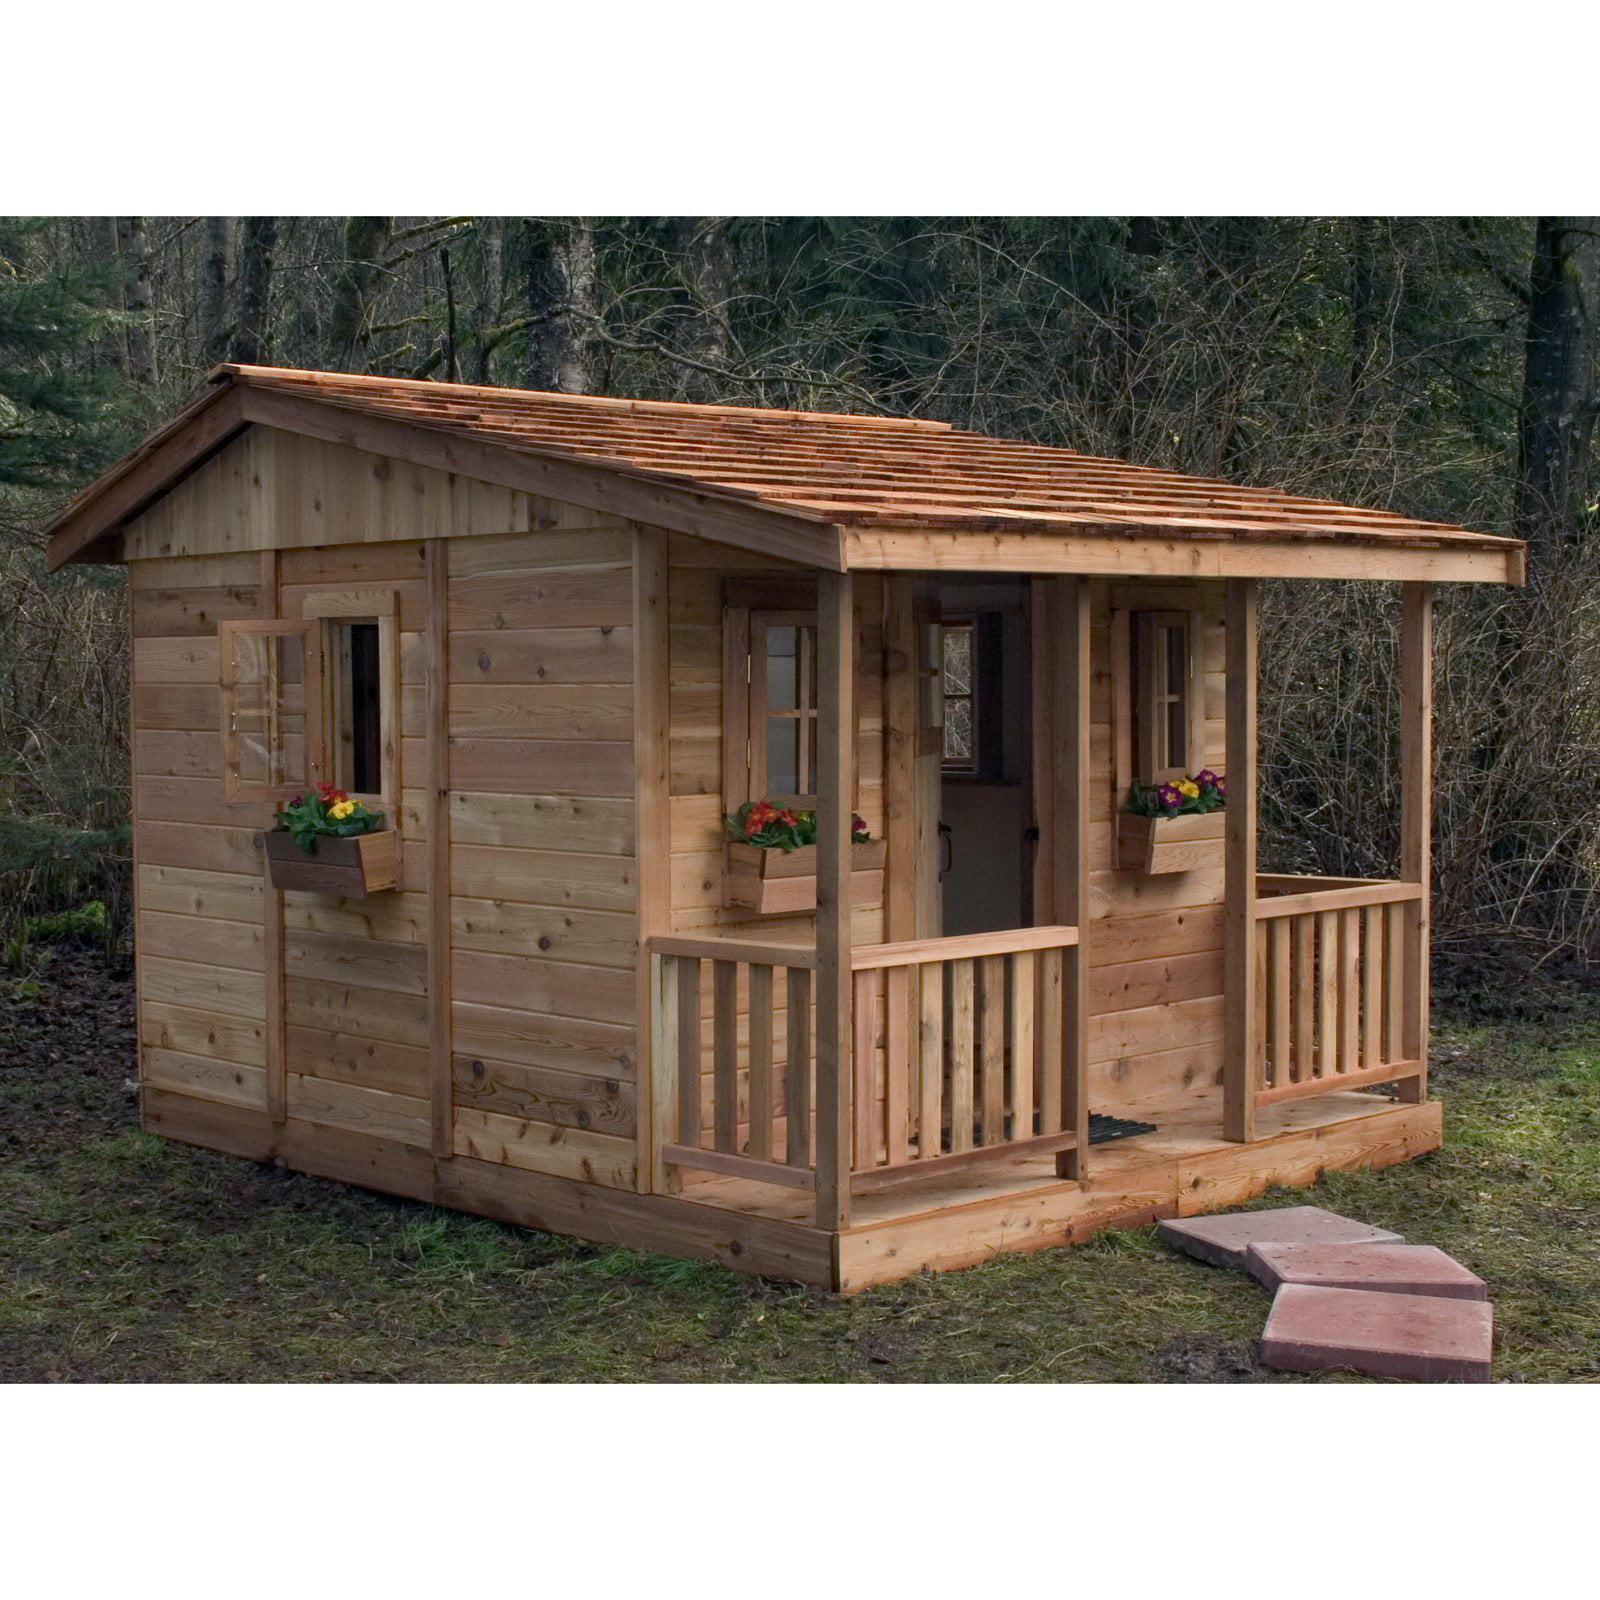 Cozy Cabin Cedar Playhouse by Outdoor Living Today